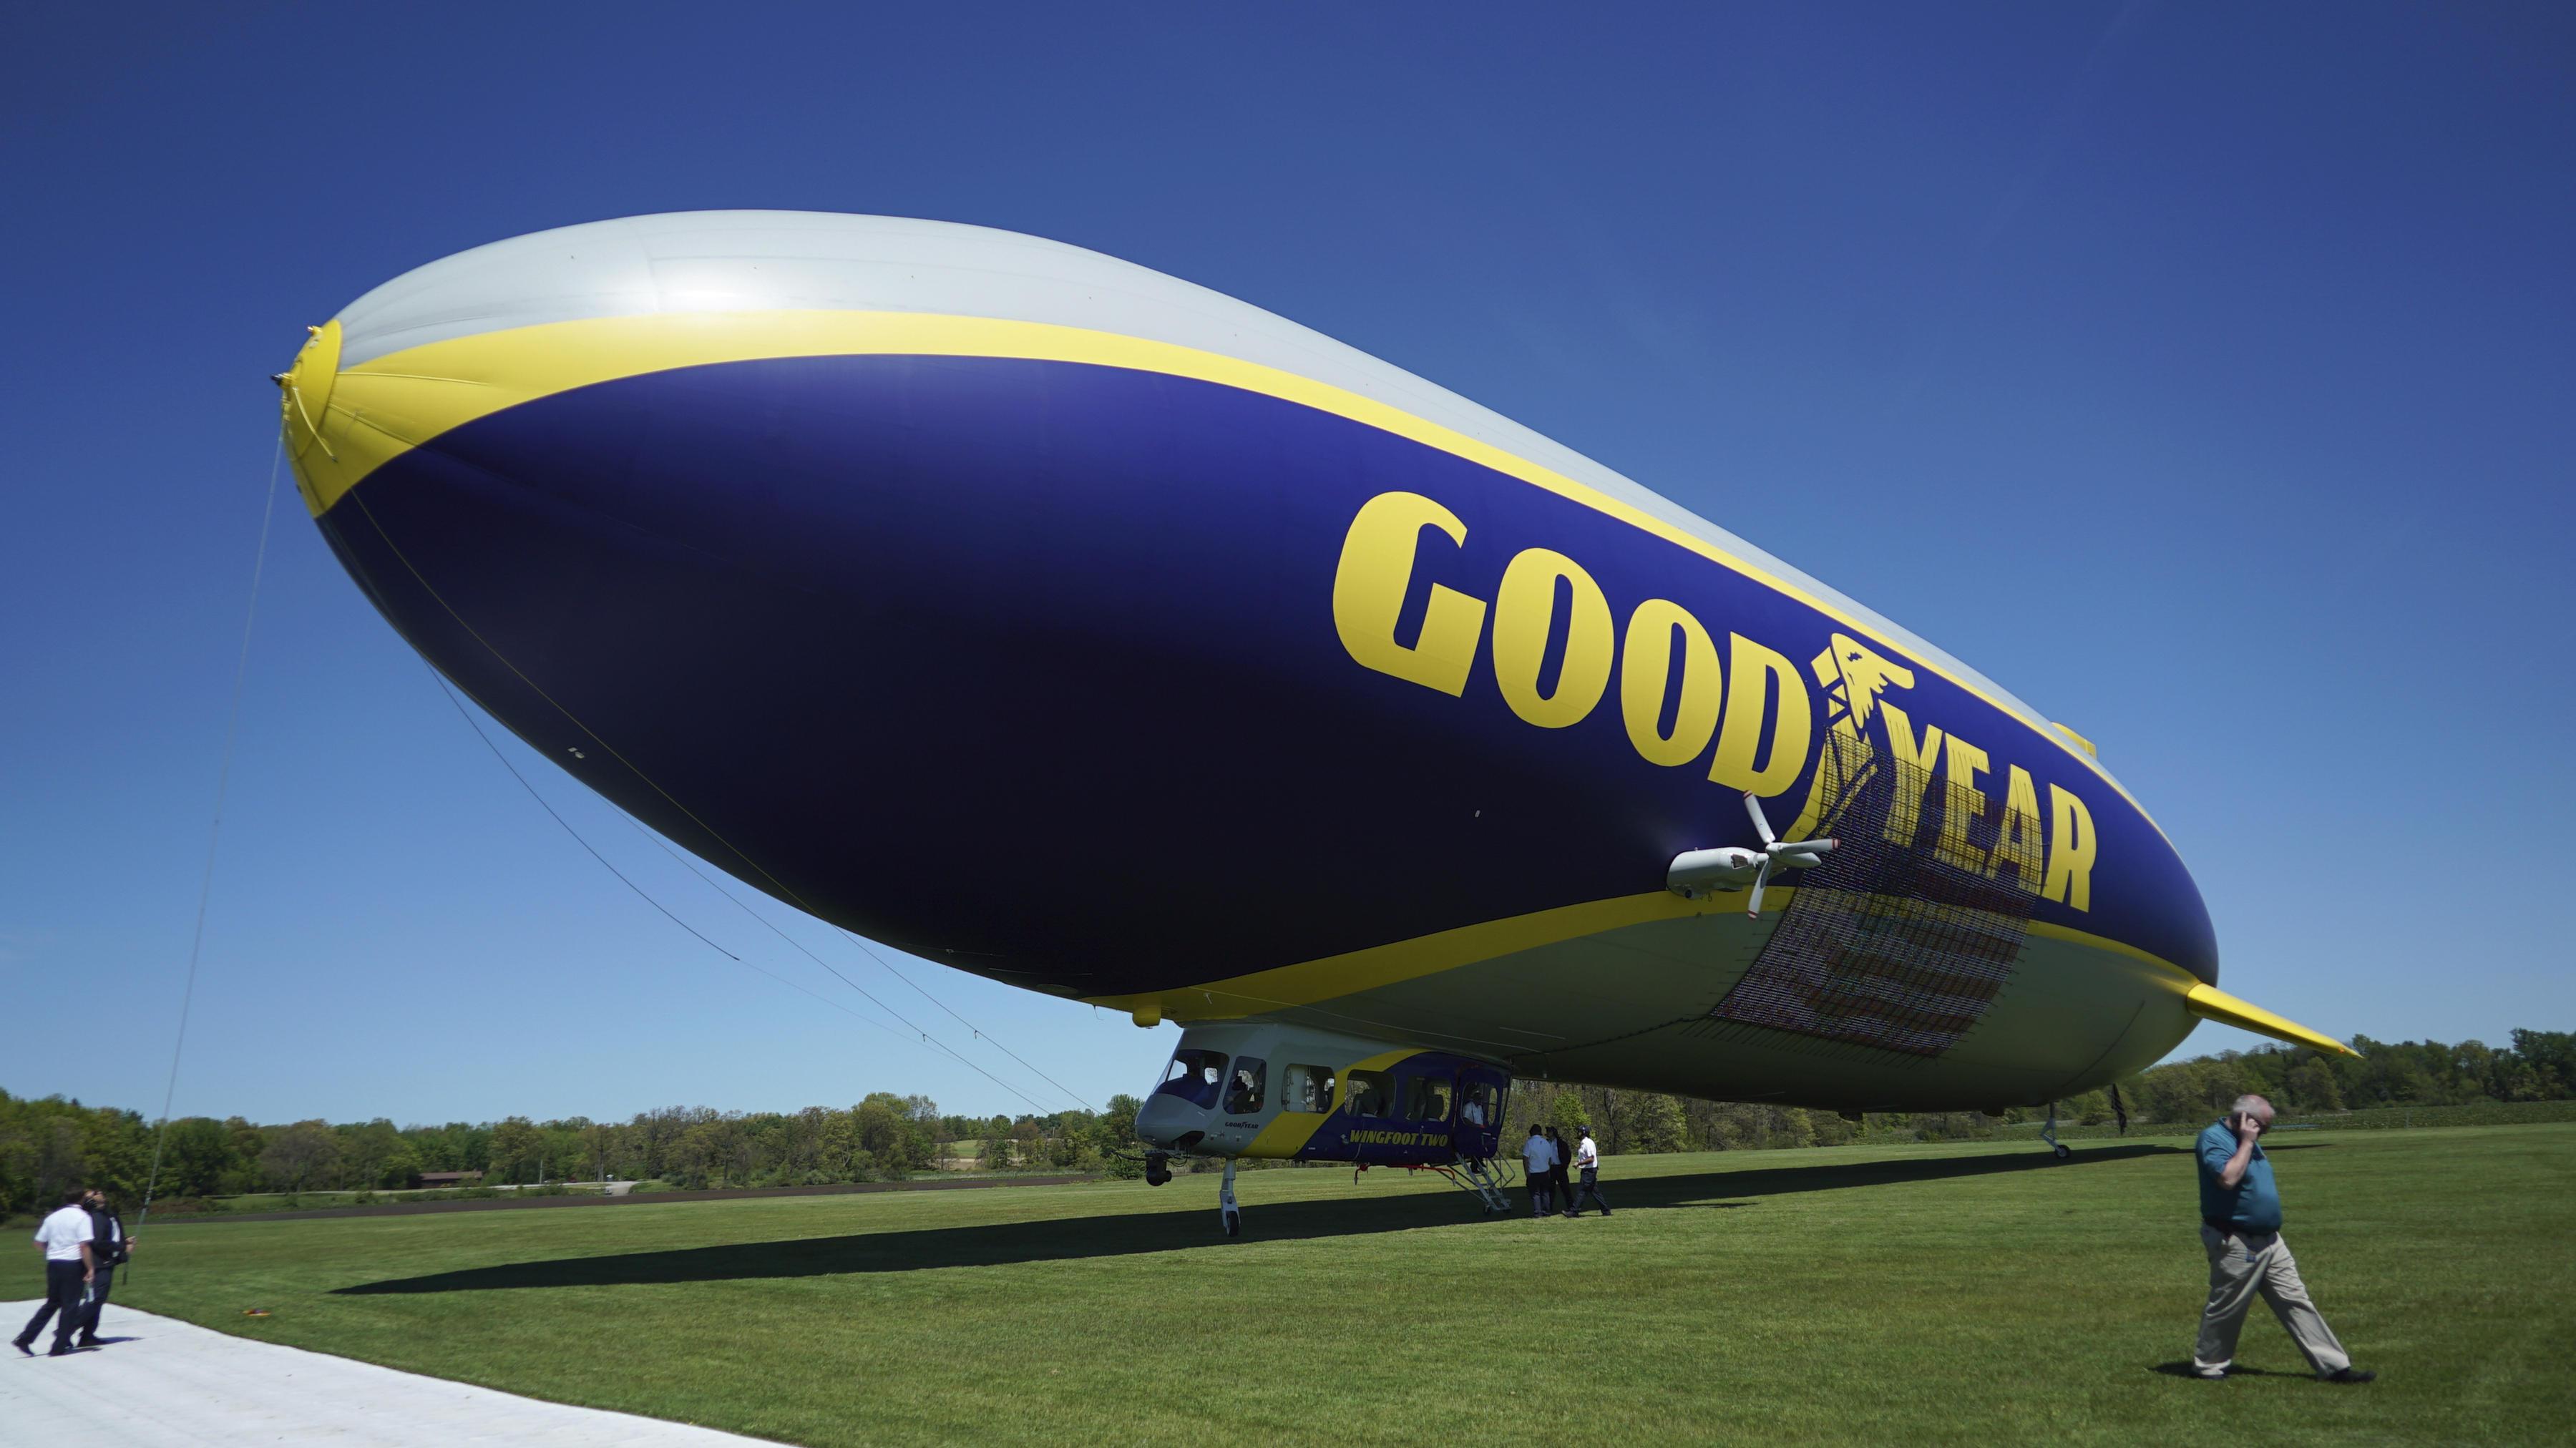 Airship travel